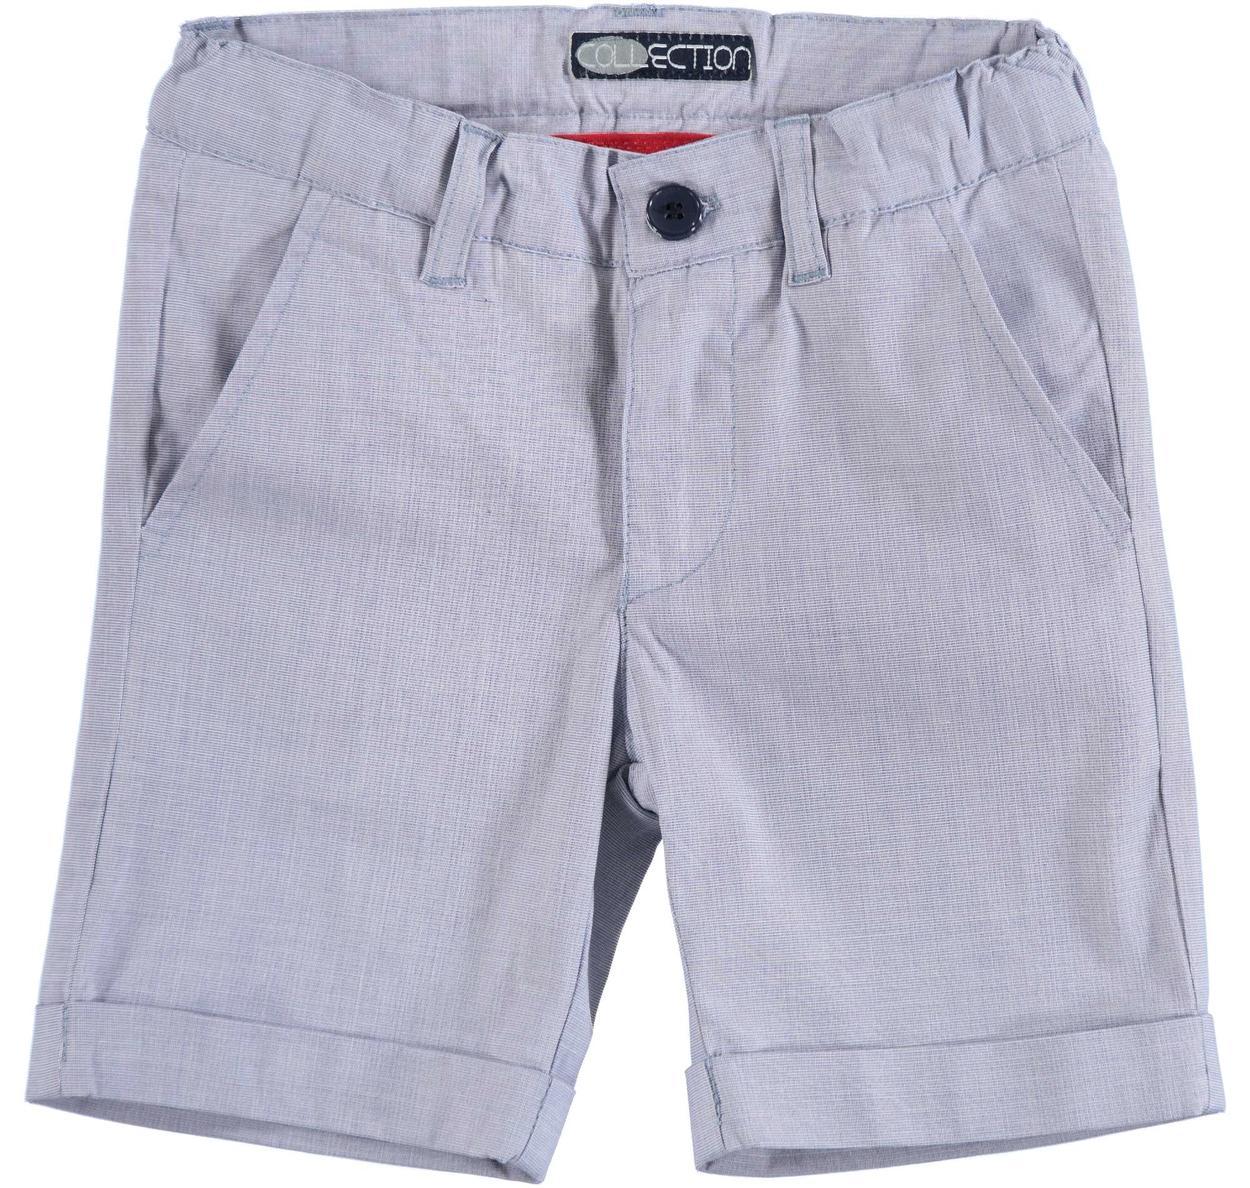 e47664689d Pantalone corto in tela di cotone stretch armaturata per bambino da 6 mesi  a 7 anni Sarabanda